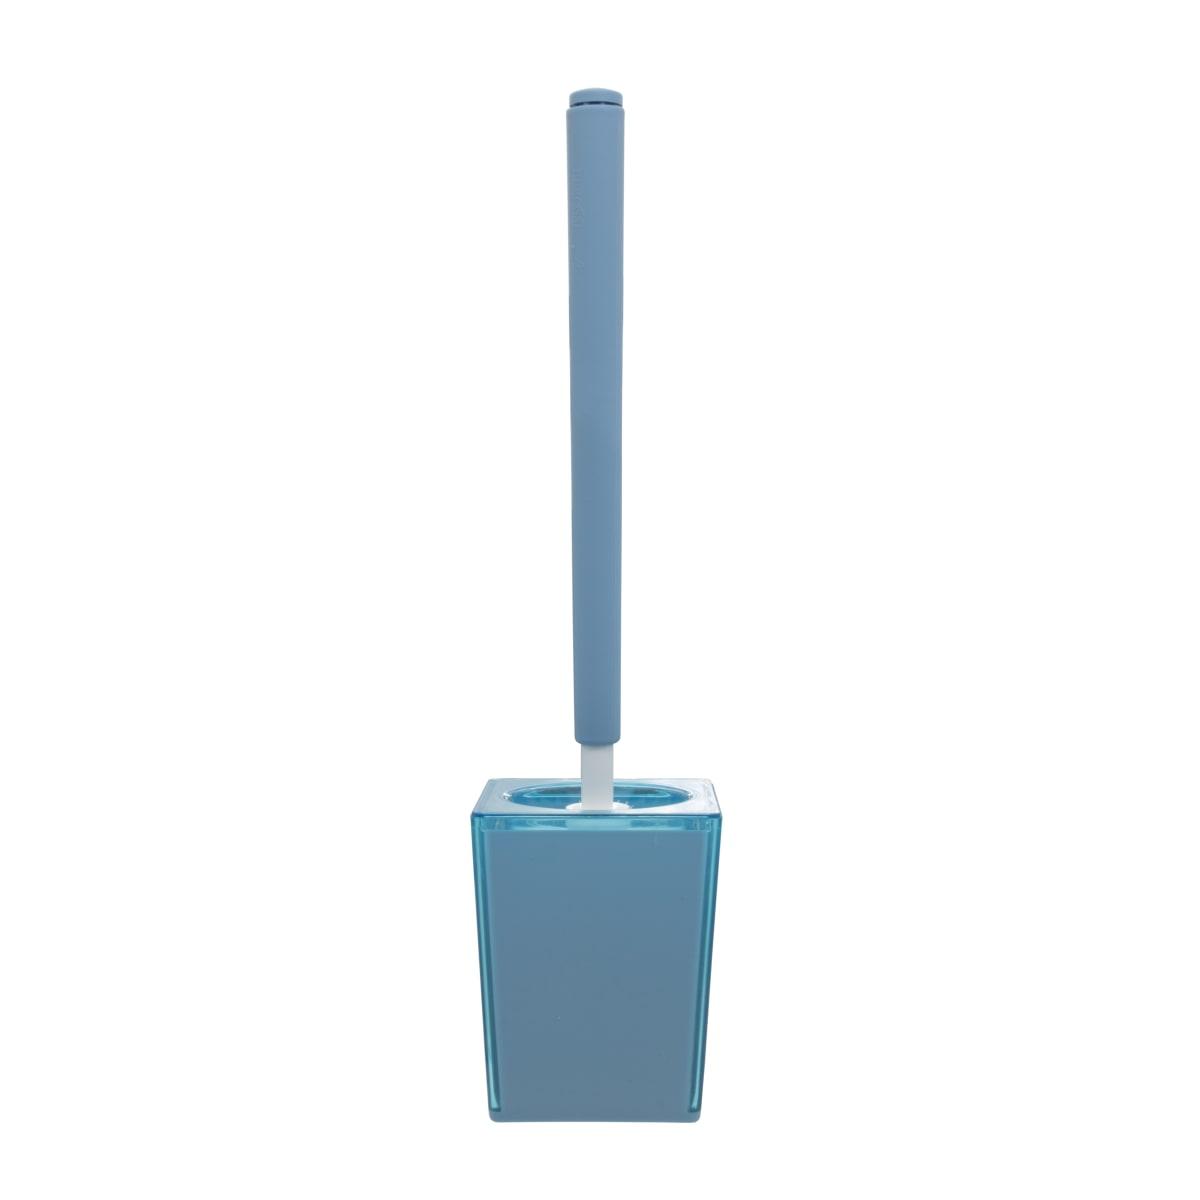 Ёршик для унитаза Berossi «Spacy» цвет голубой